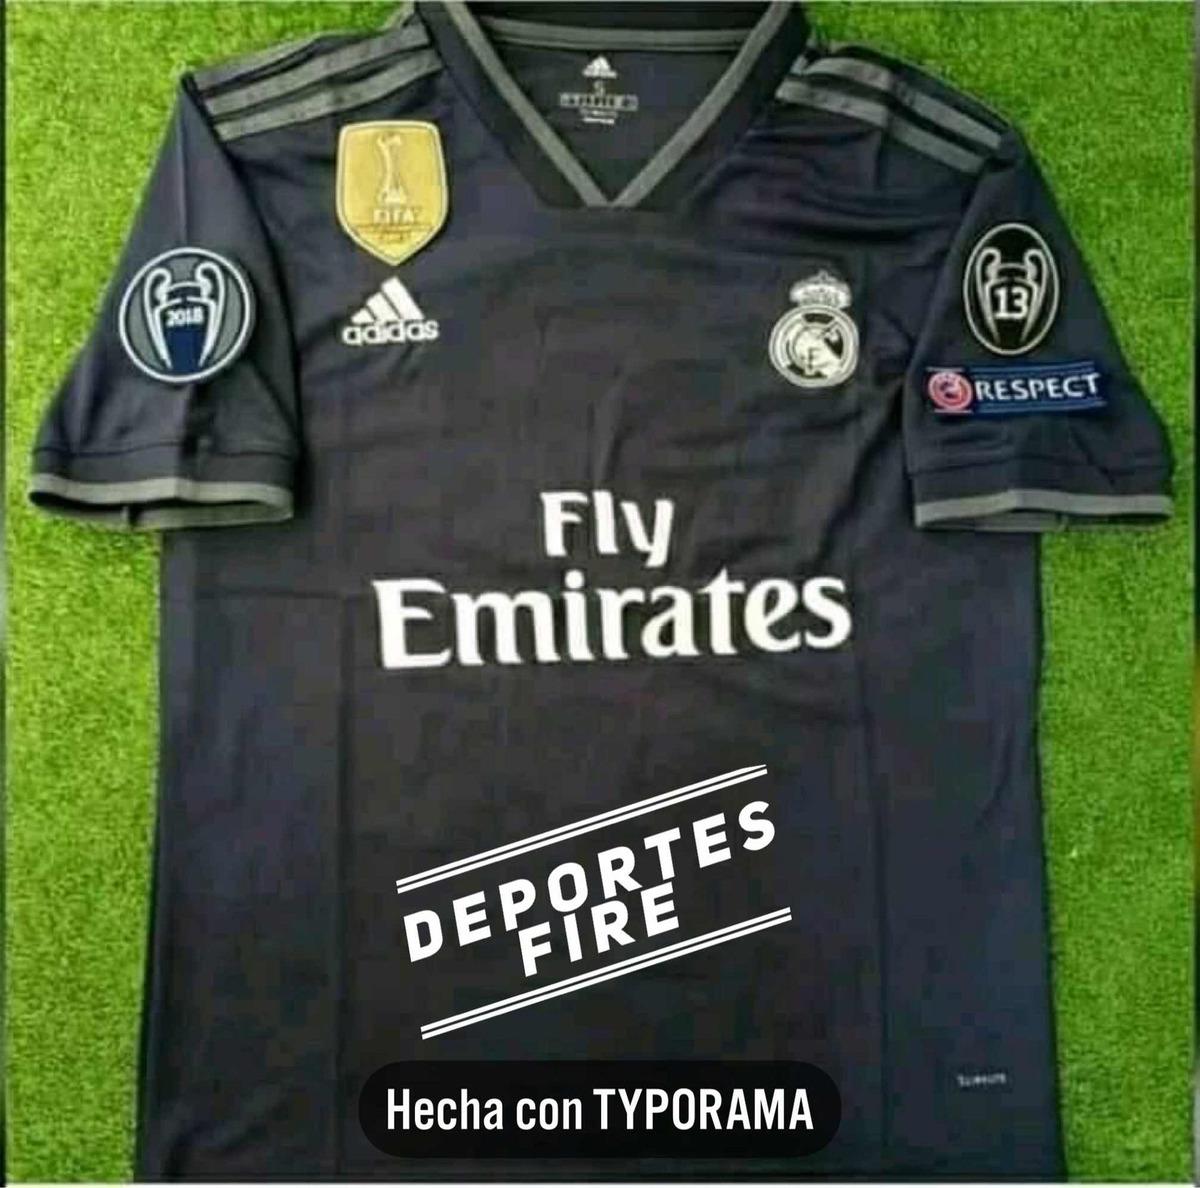 bf1974b89 Características. Marca AFICIONADO  Equipo Real Madrid  Tipo de jersey  Alternativa ...